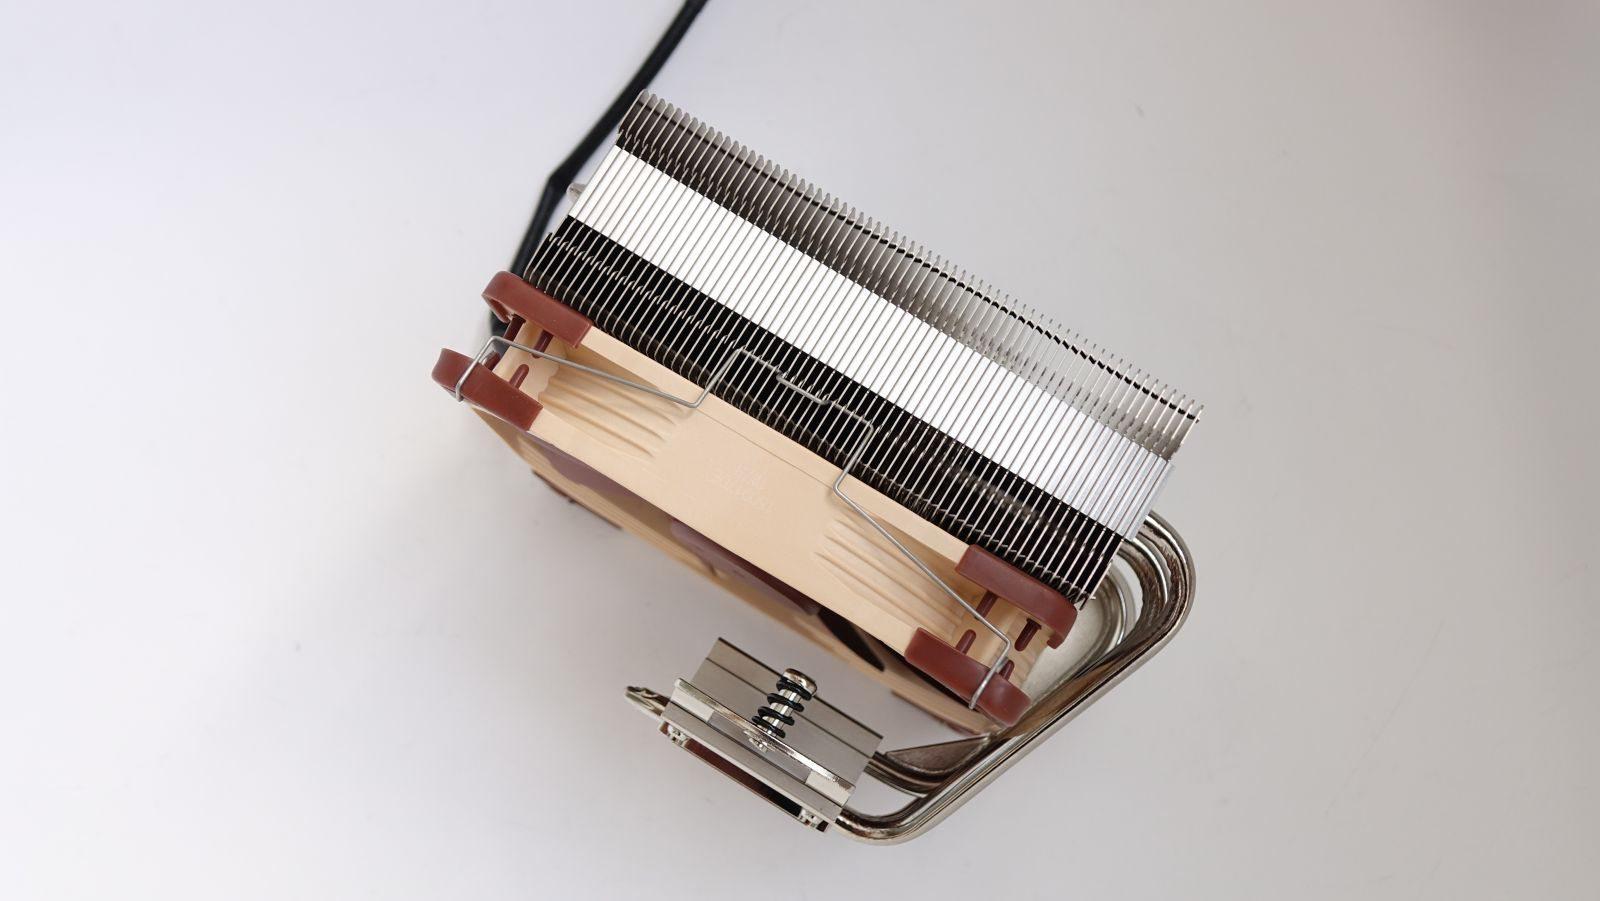 Noctua NH-C14S вентилятор снизу